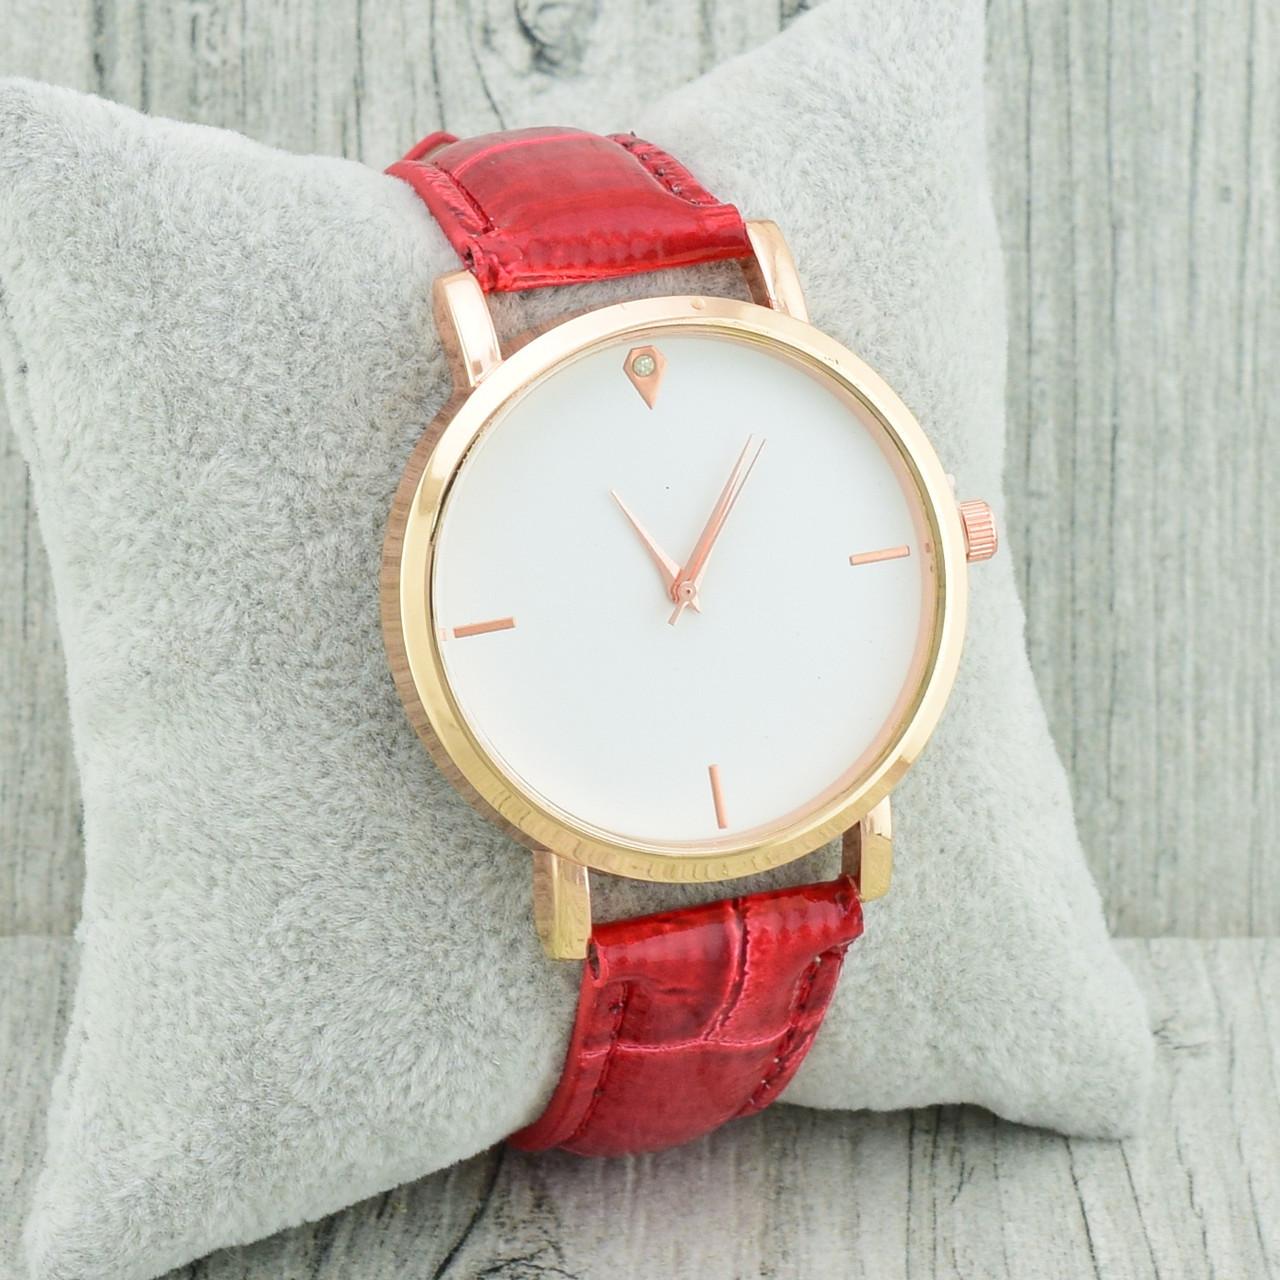 Часы G-106 диаметр циферблата 3.8 см, длина ремешка 17-21 см, красный цвет, позолота РО